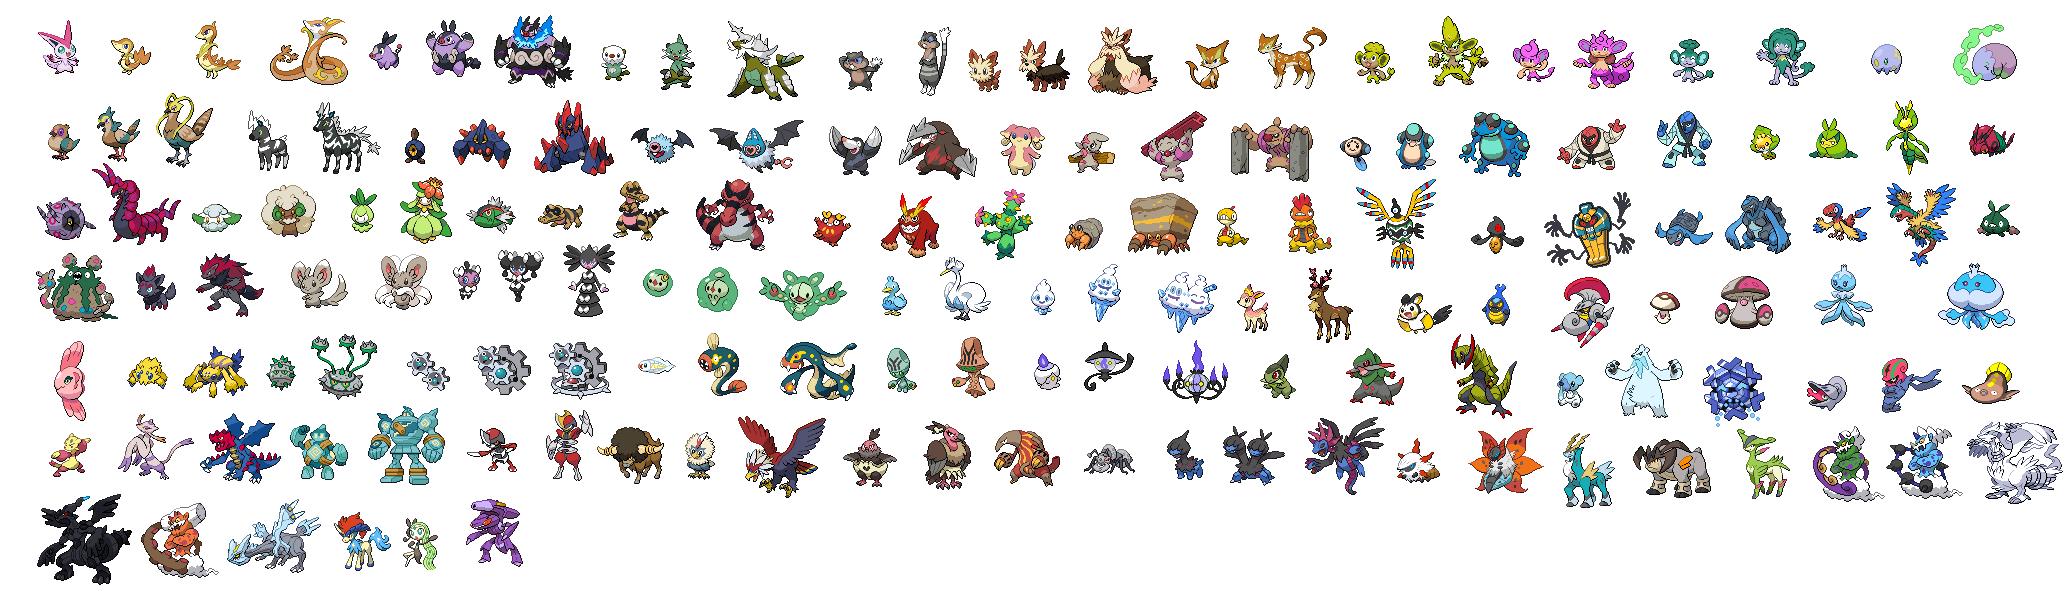 Fotos de todos los pokemon de teselia 2